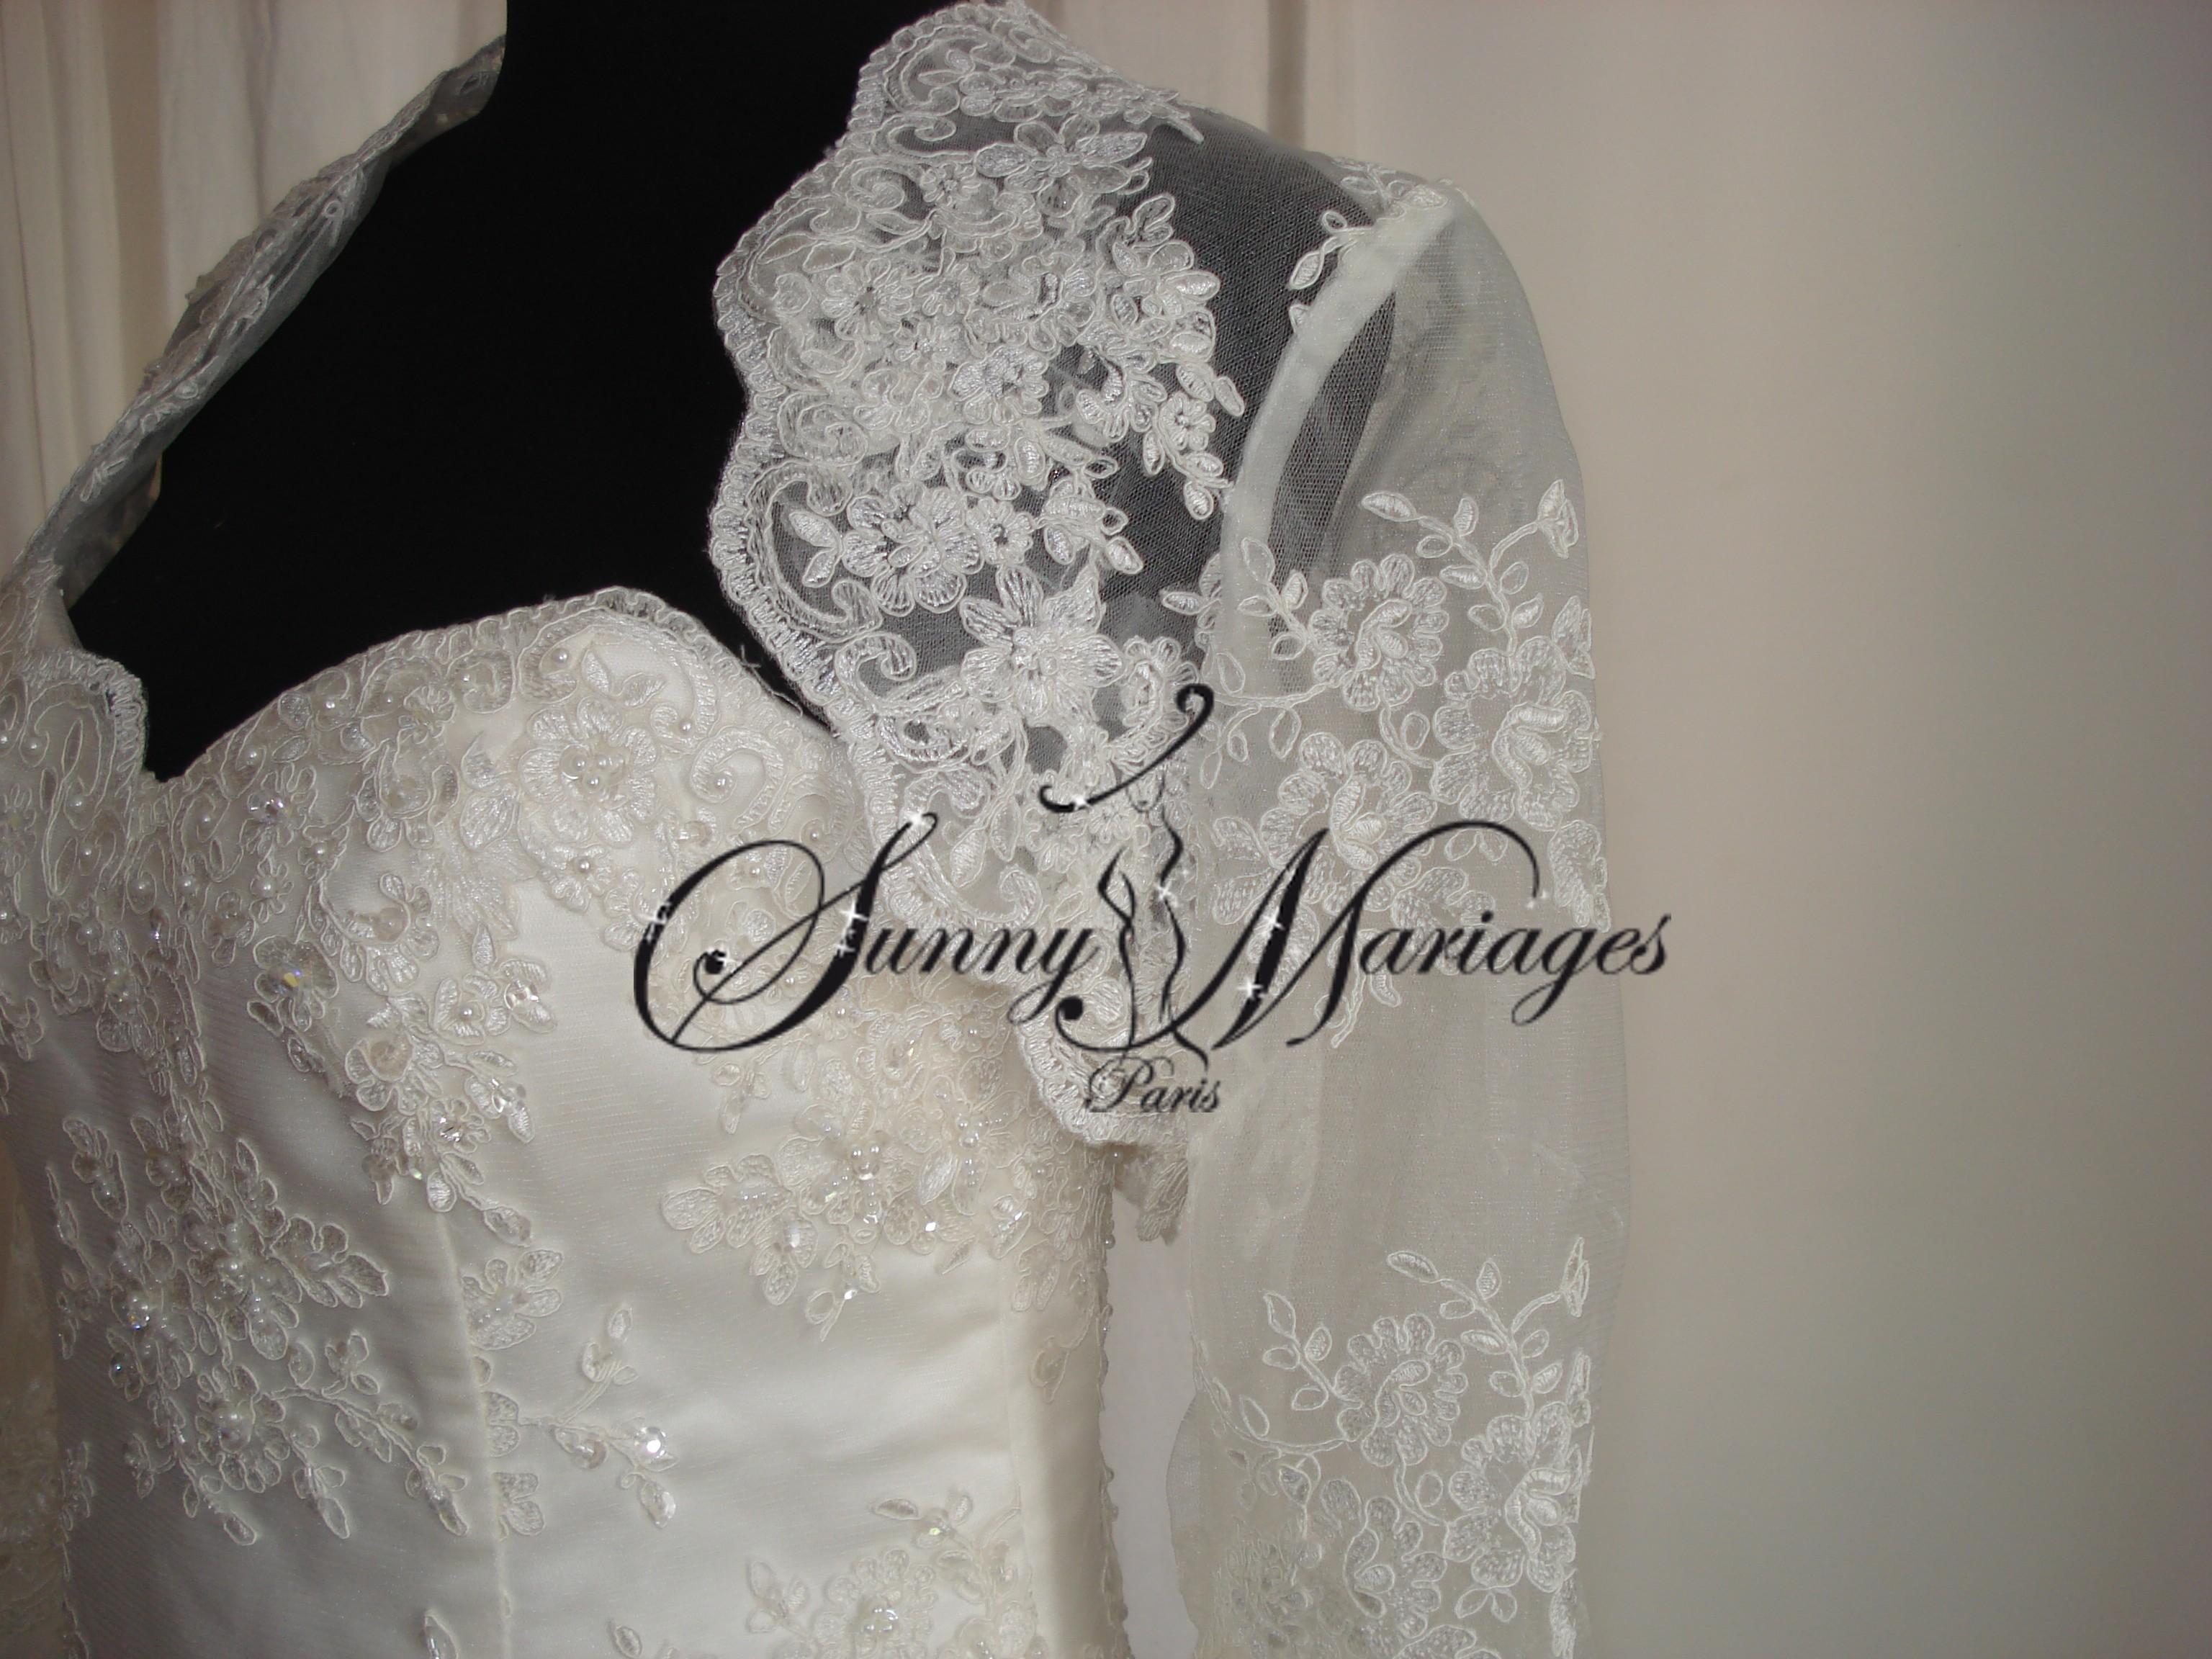 Robe de mariee dentelle et bustier en vente en ligne  Sunny Mariage